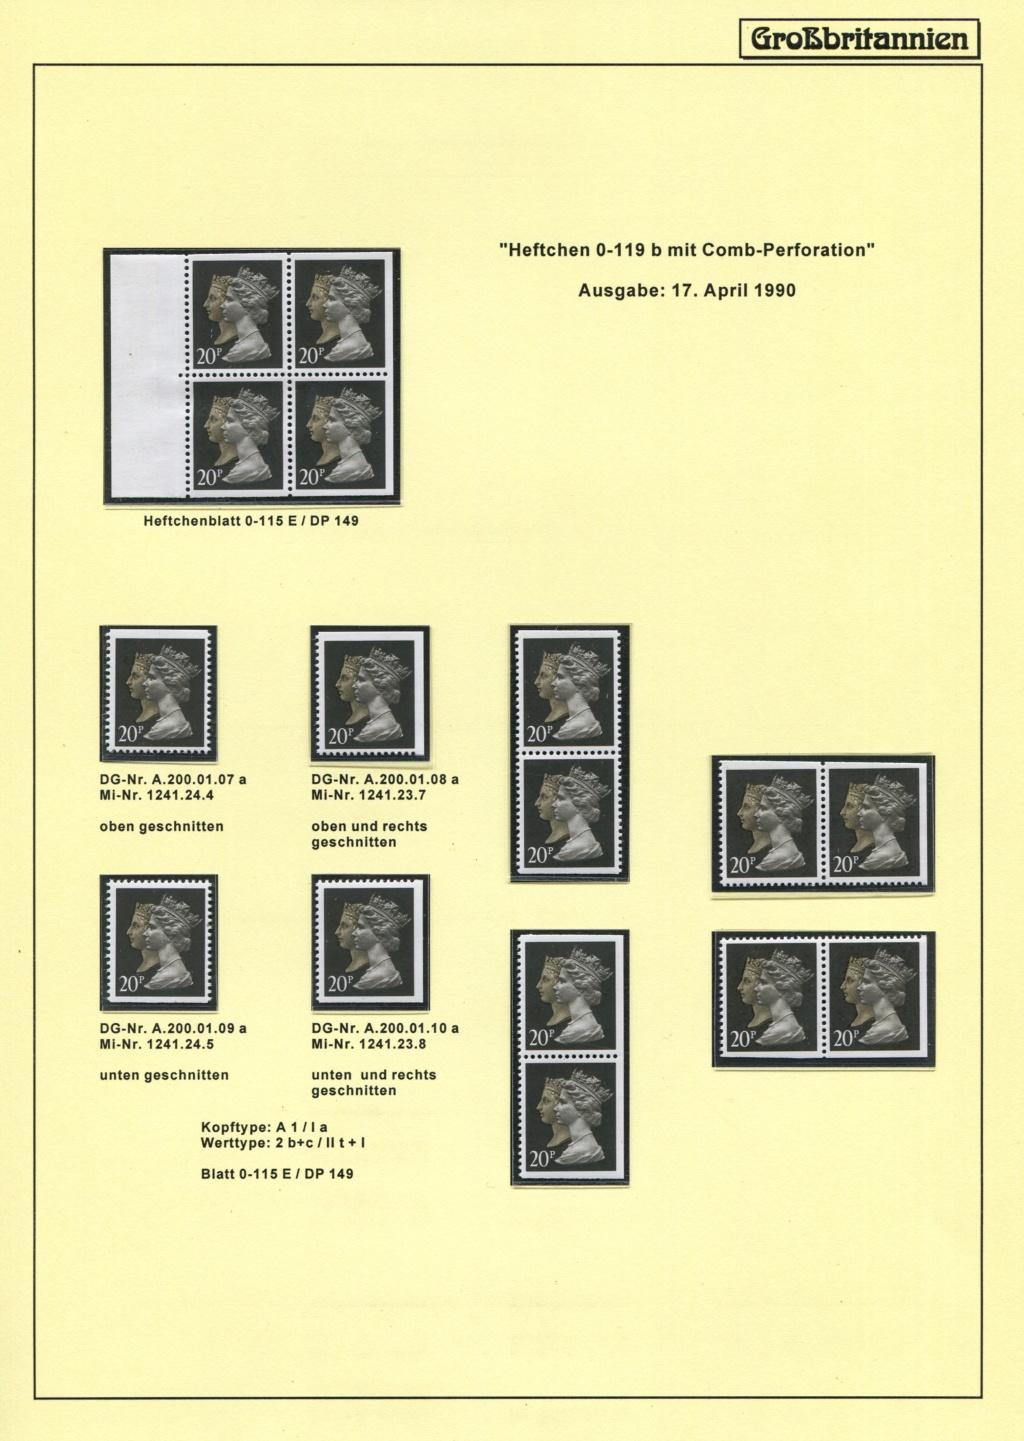 Großbritannien - 150 Jahre Briefmarken Black_49